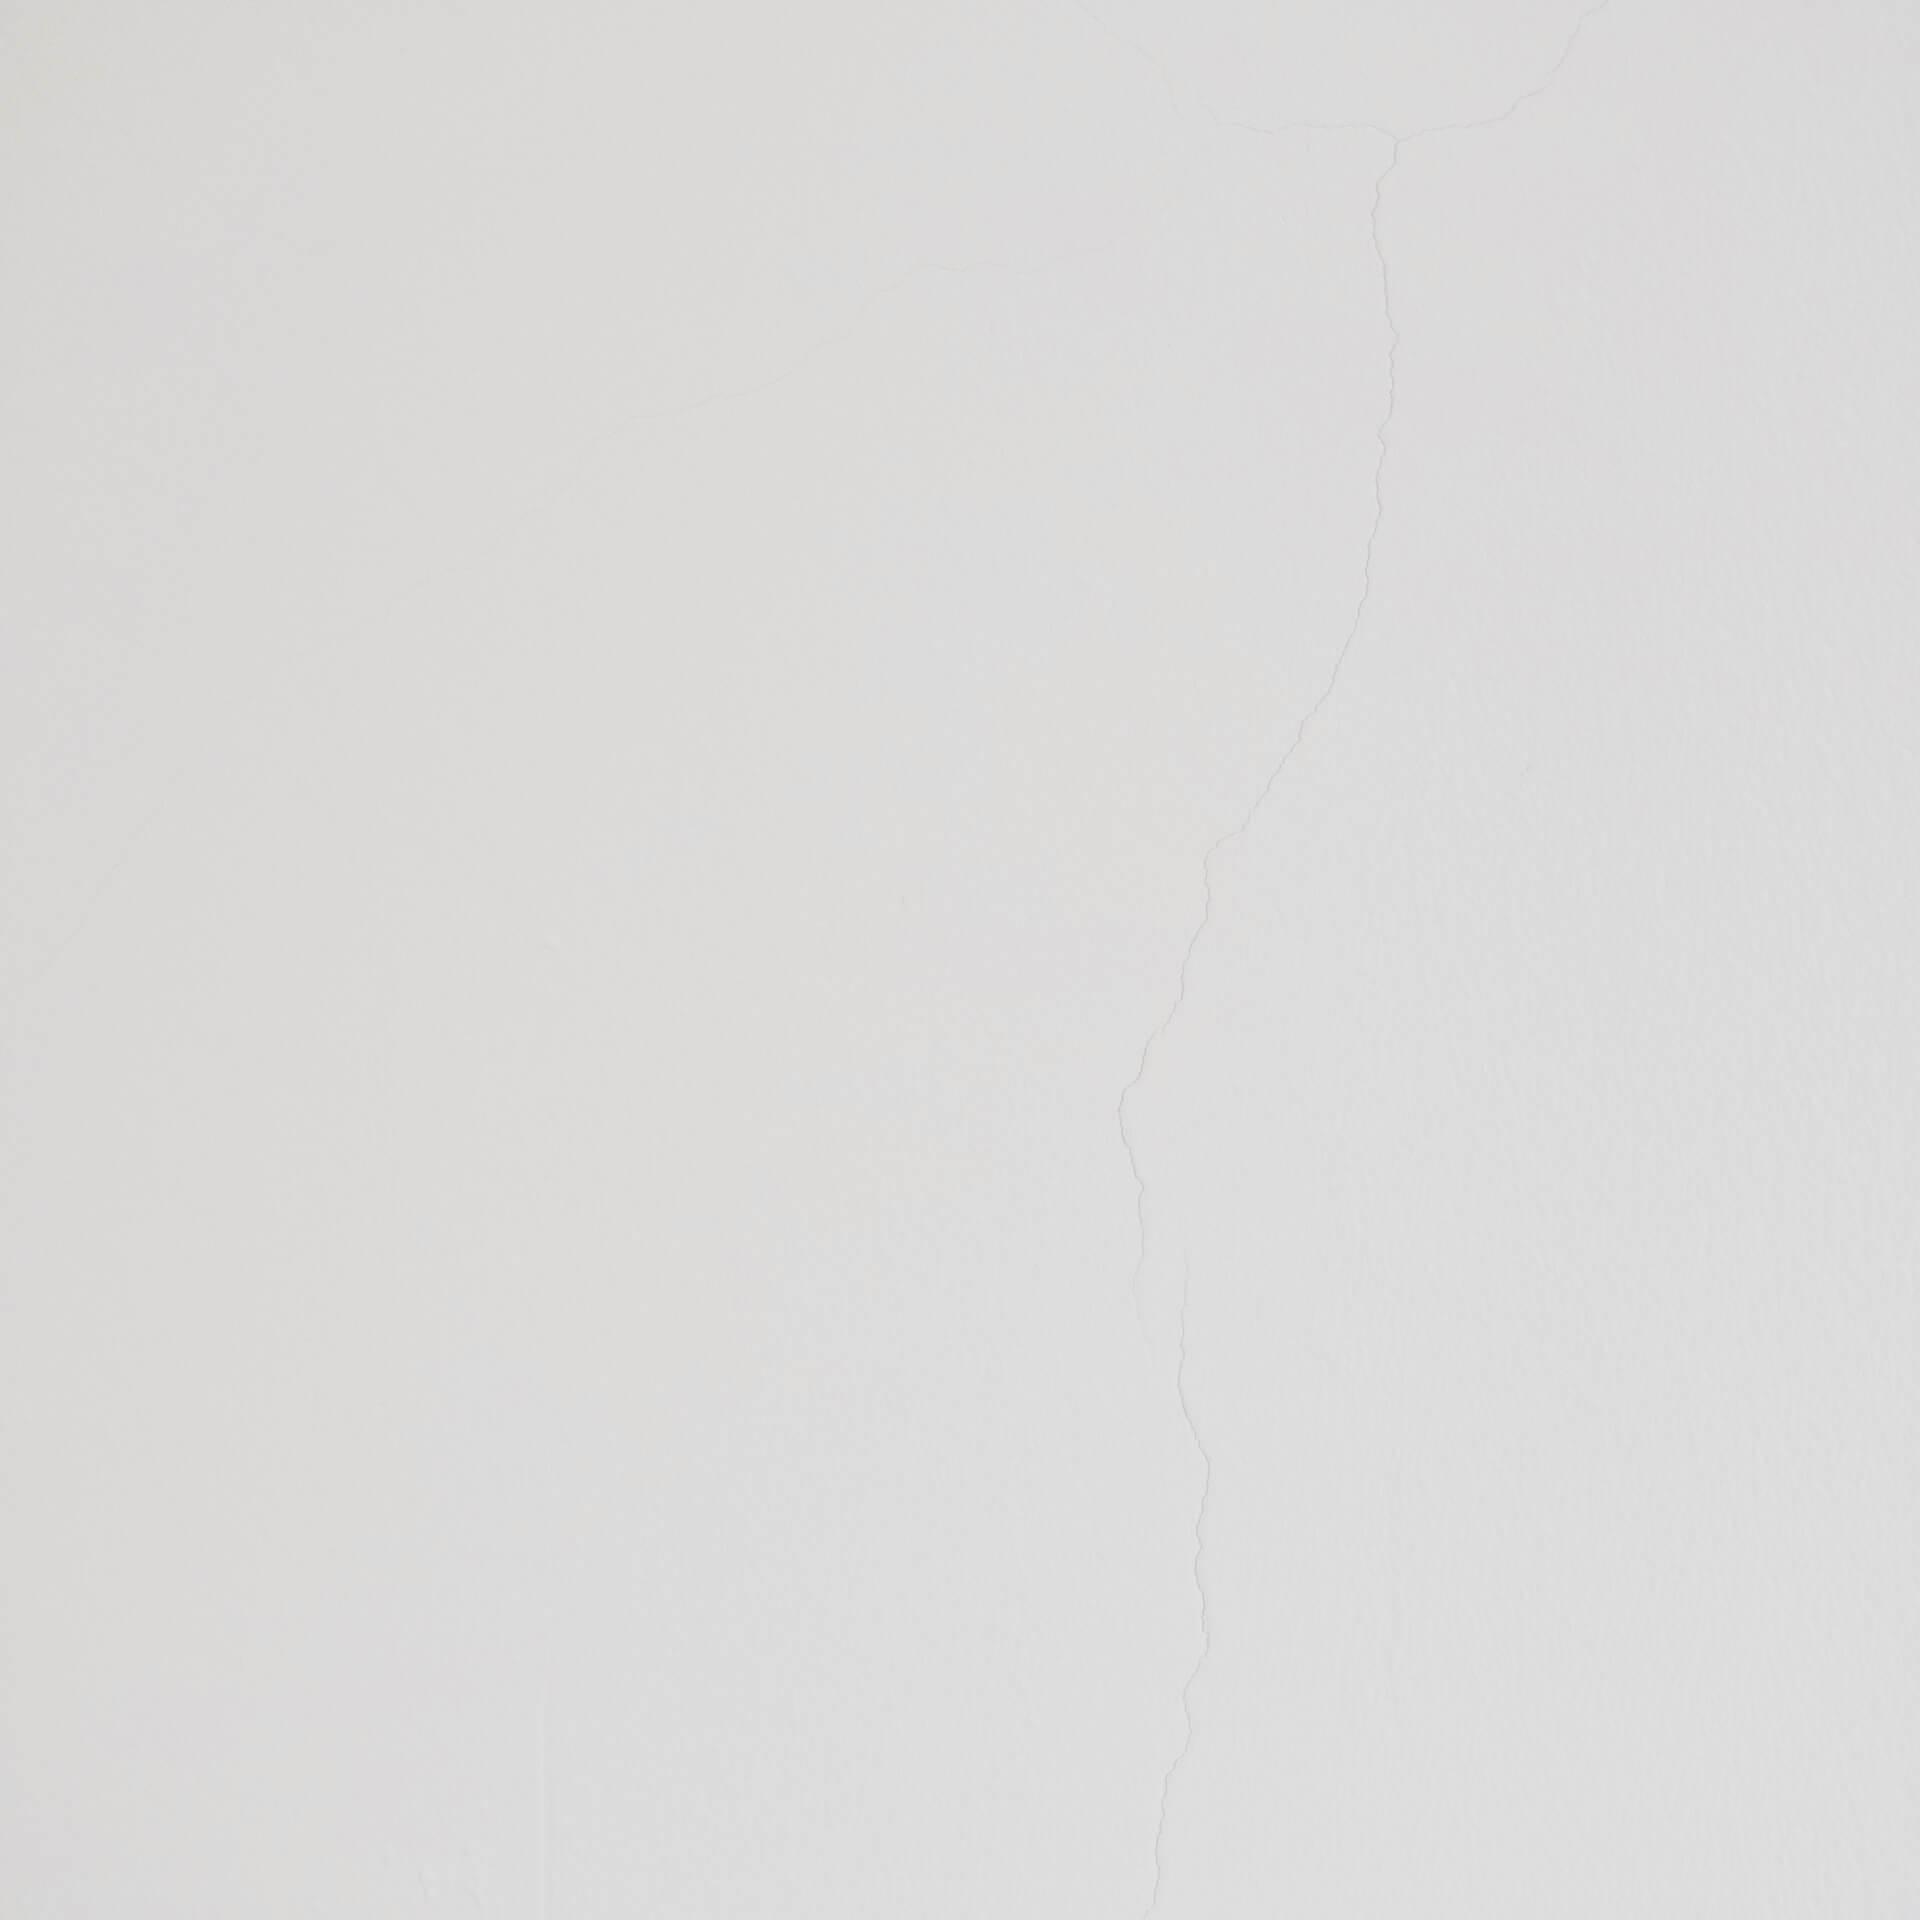 """ペトロールズが<Mr.Steady>本来の開催日に新曲""""KDAR""""を公開!TEIEN ONLINE STOREにてフリーダウンロード配信中 music200512_petrolz_kdar_01"""